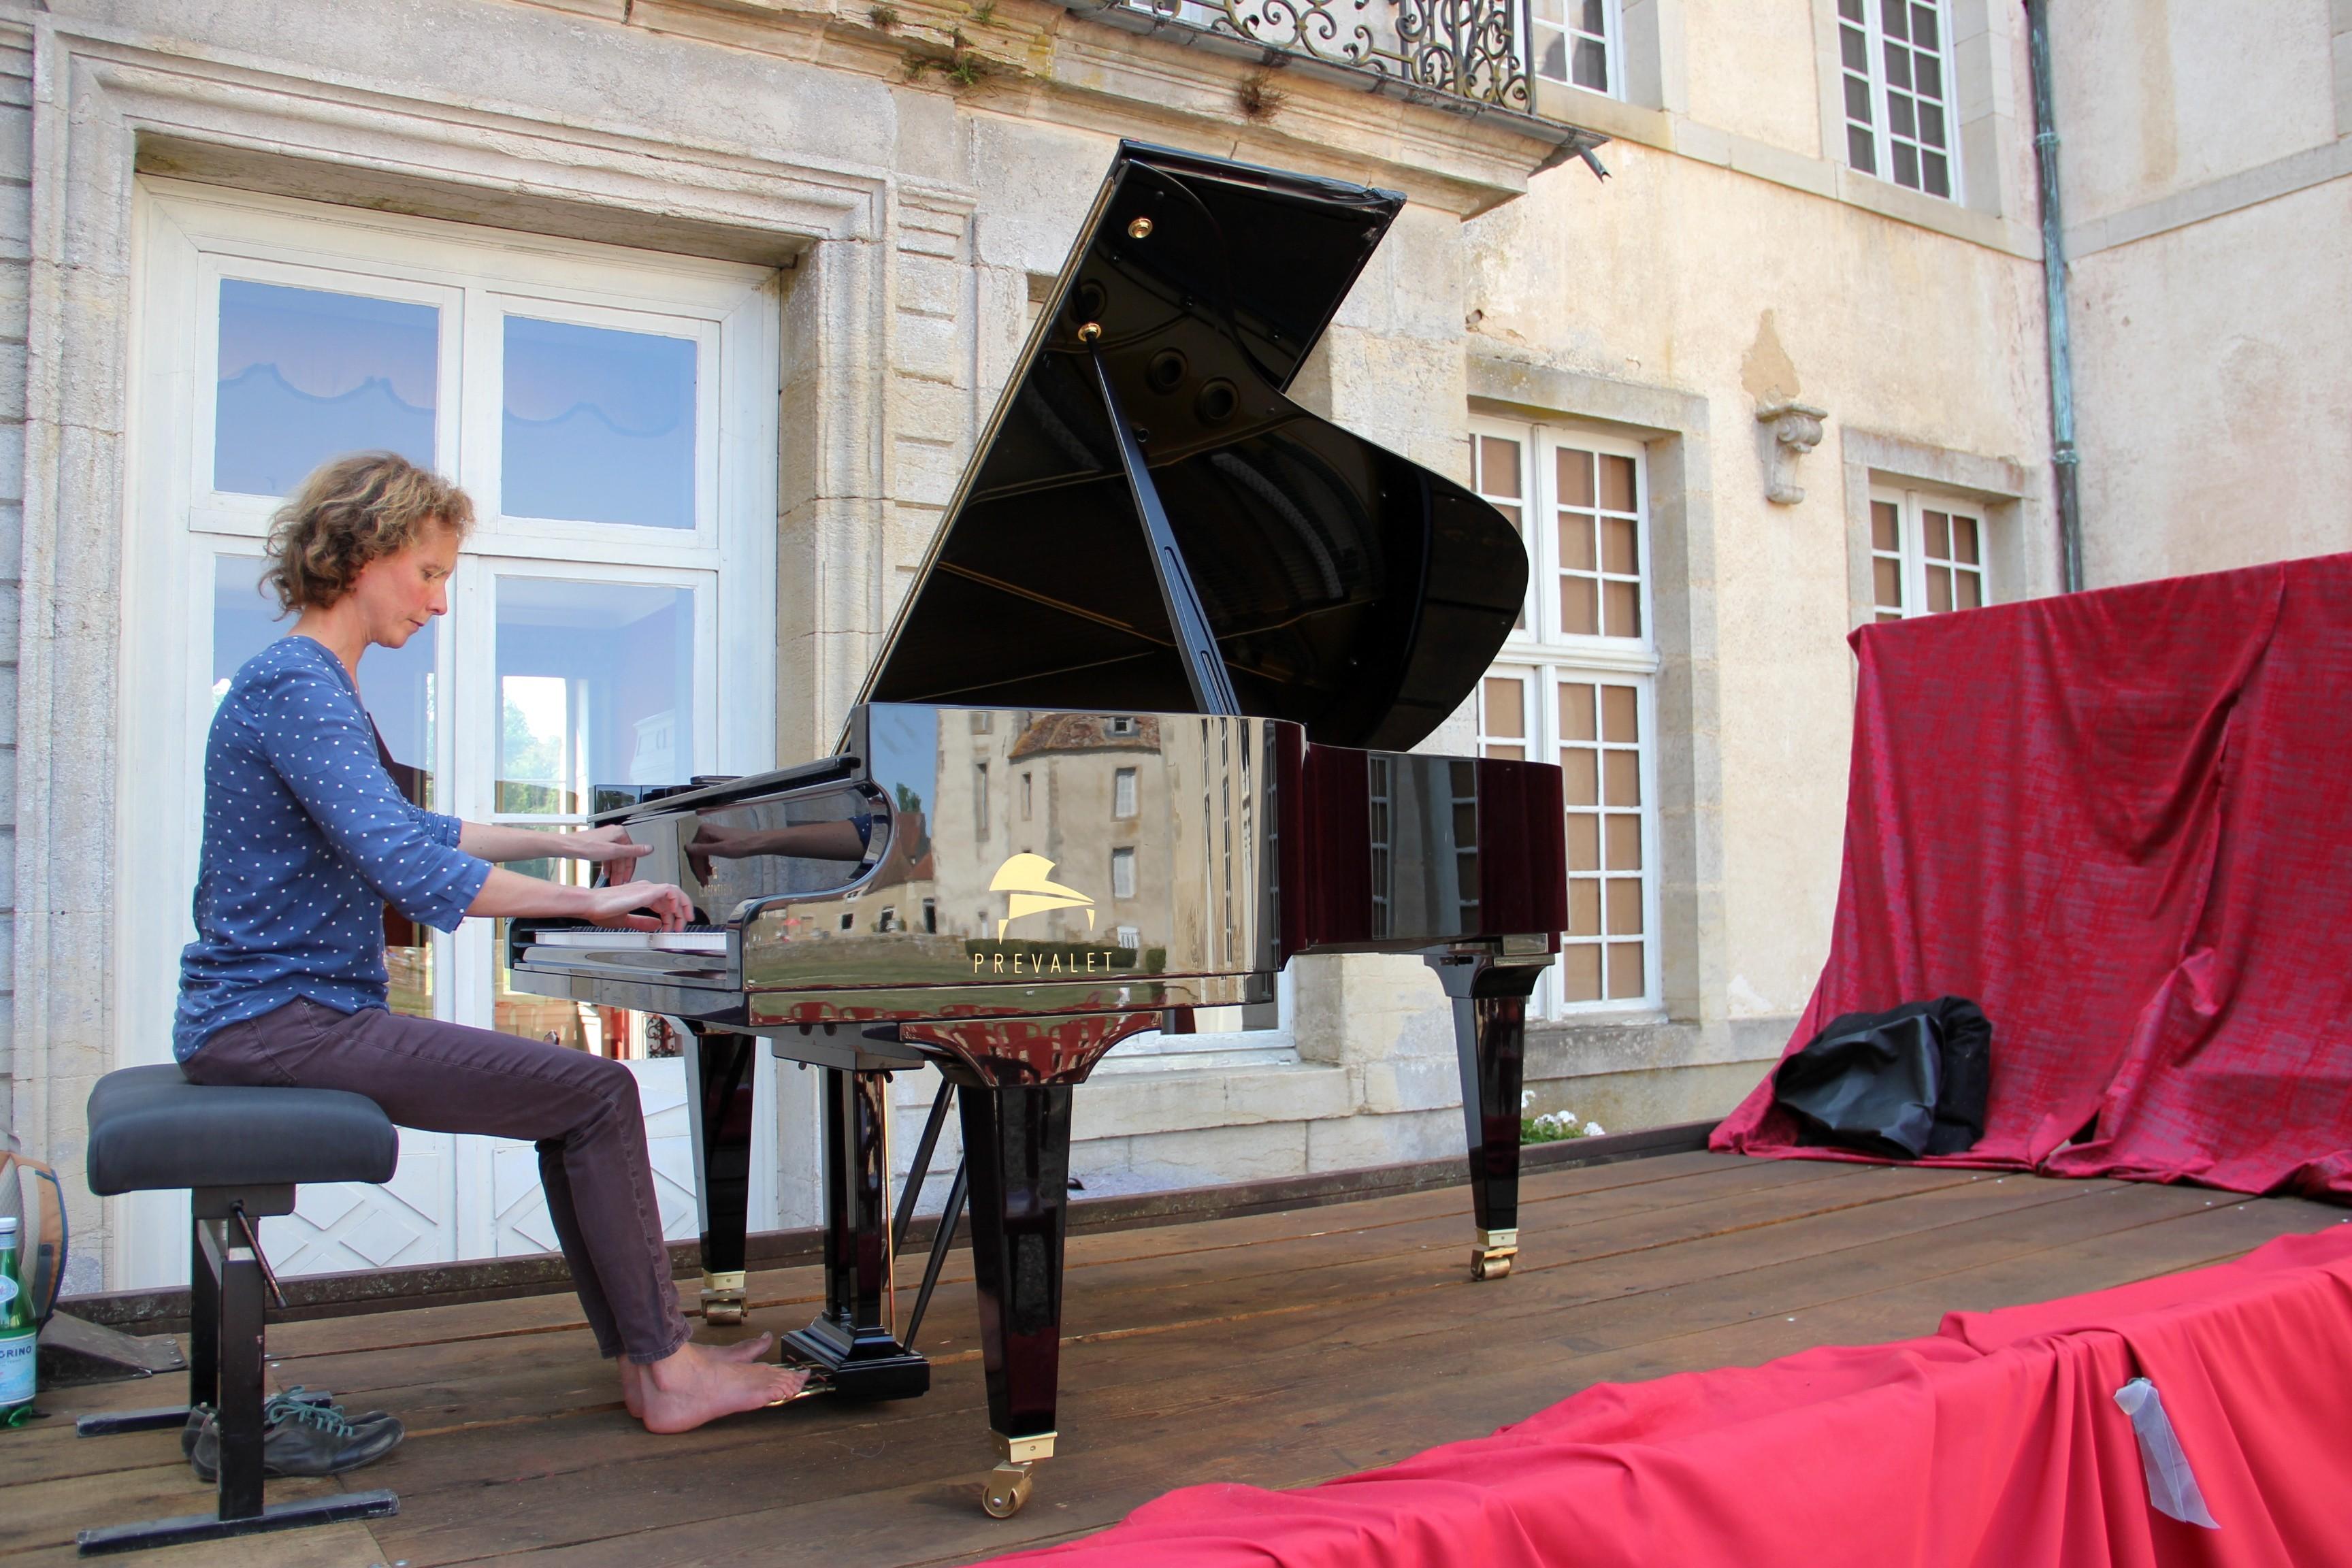 Juliette Mazerand découvre l'excellente acoustique de la cour du château de Commarin